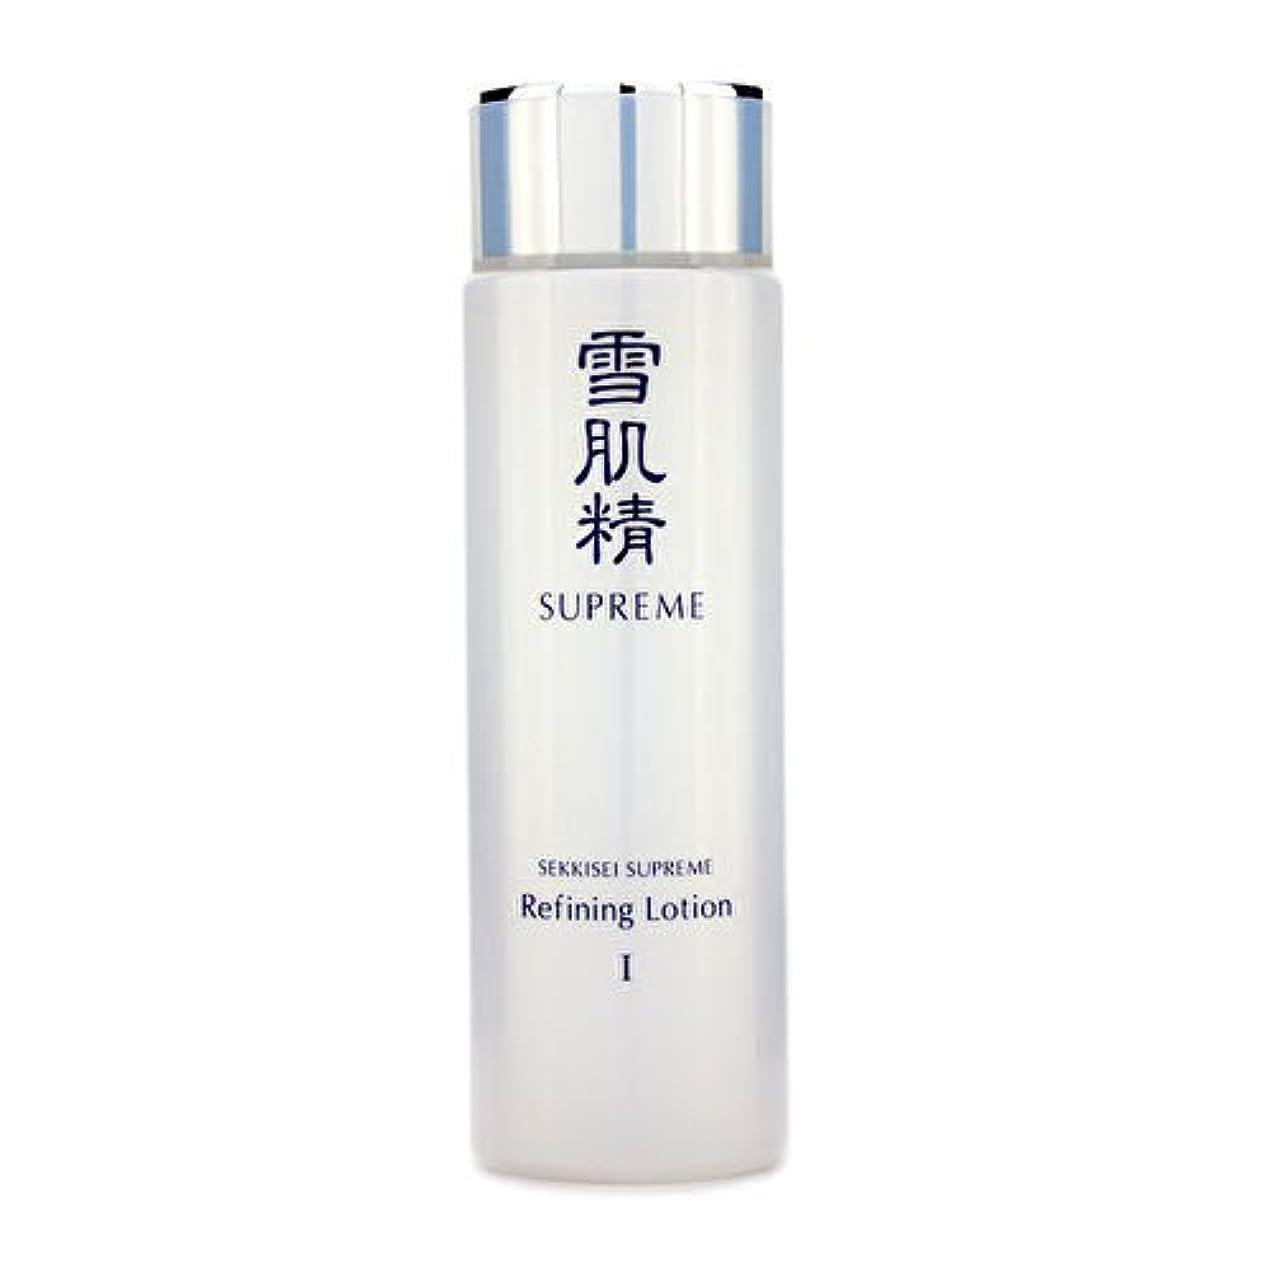 昇進の間で該当する雪肌精 シュープレム 化粧水 I 230ml